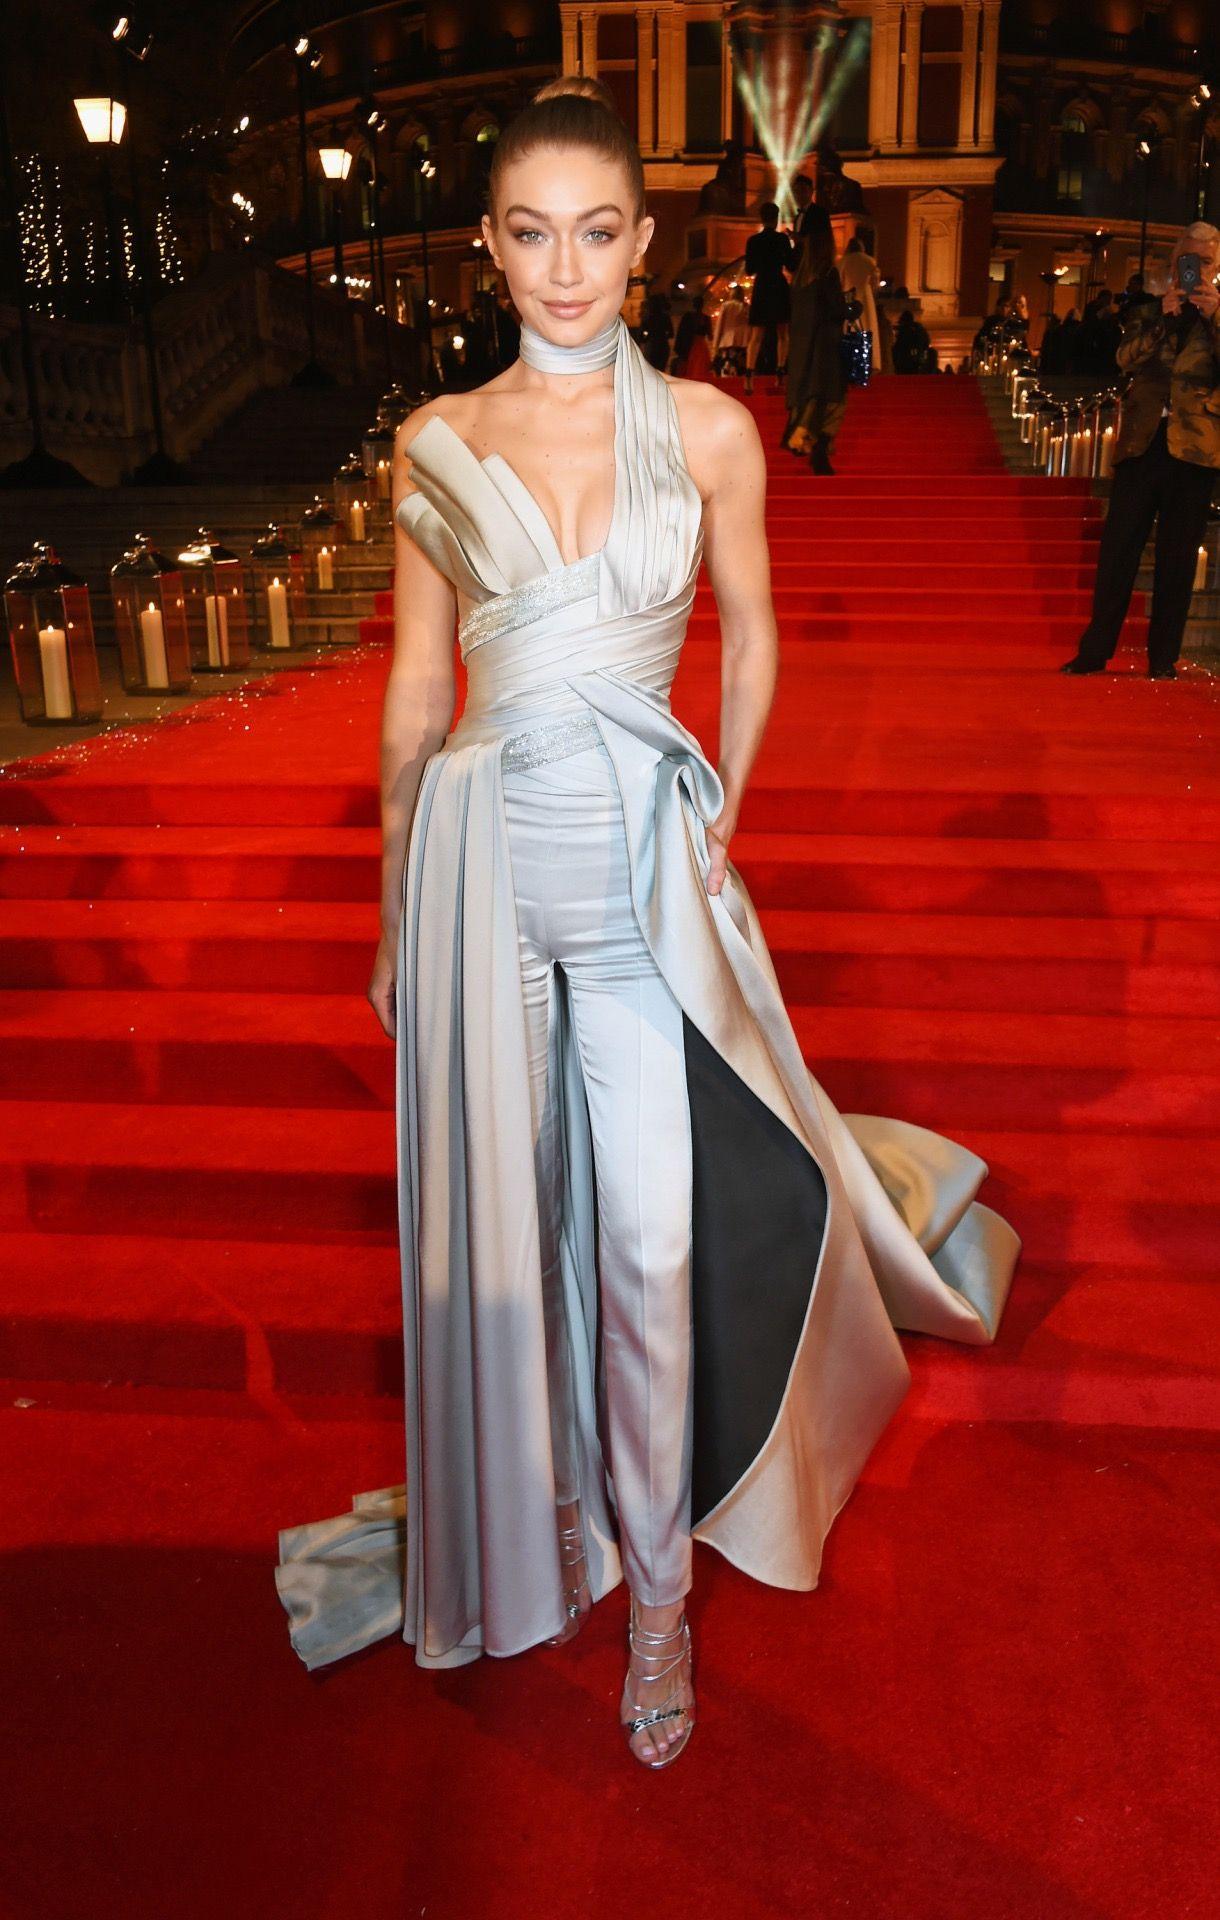 Gigi Hadid & Bella Hadid Fashion, Gigi Hadid at British Fashion Awards 2016 in...